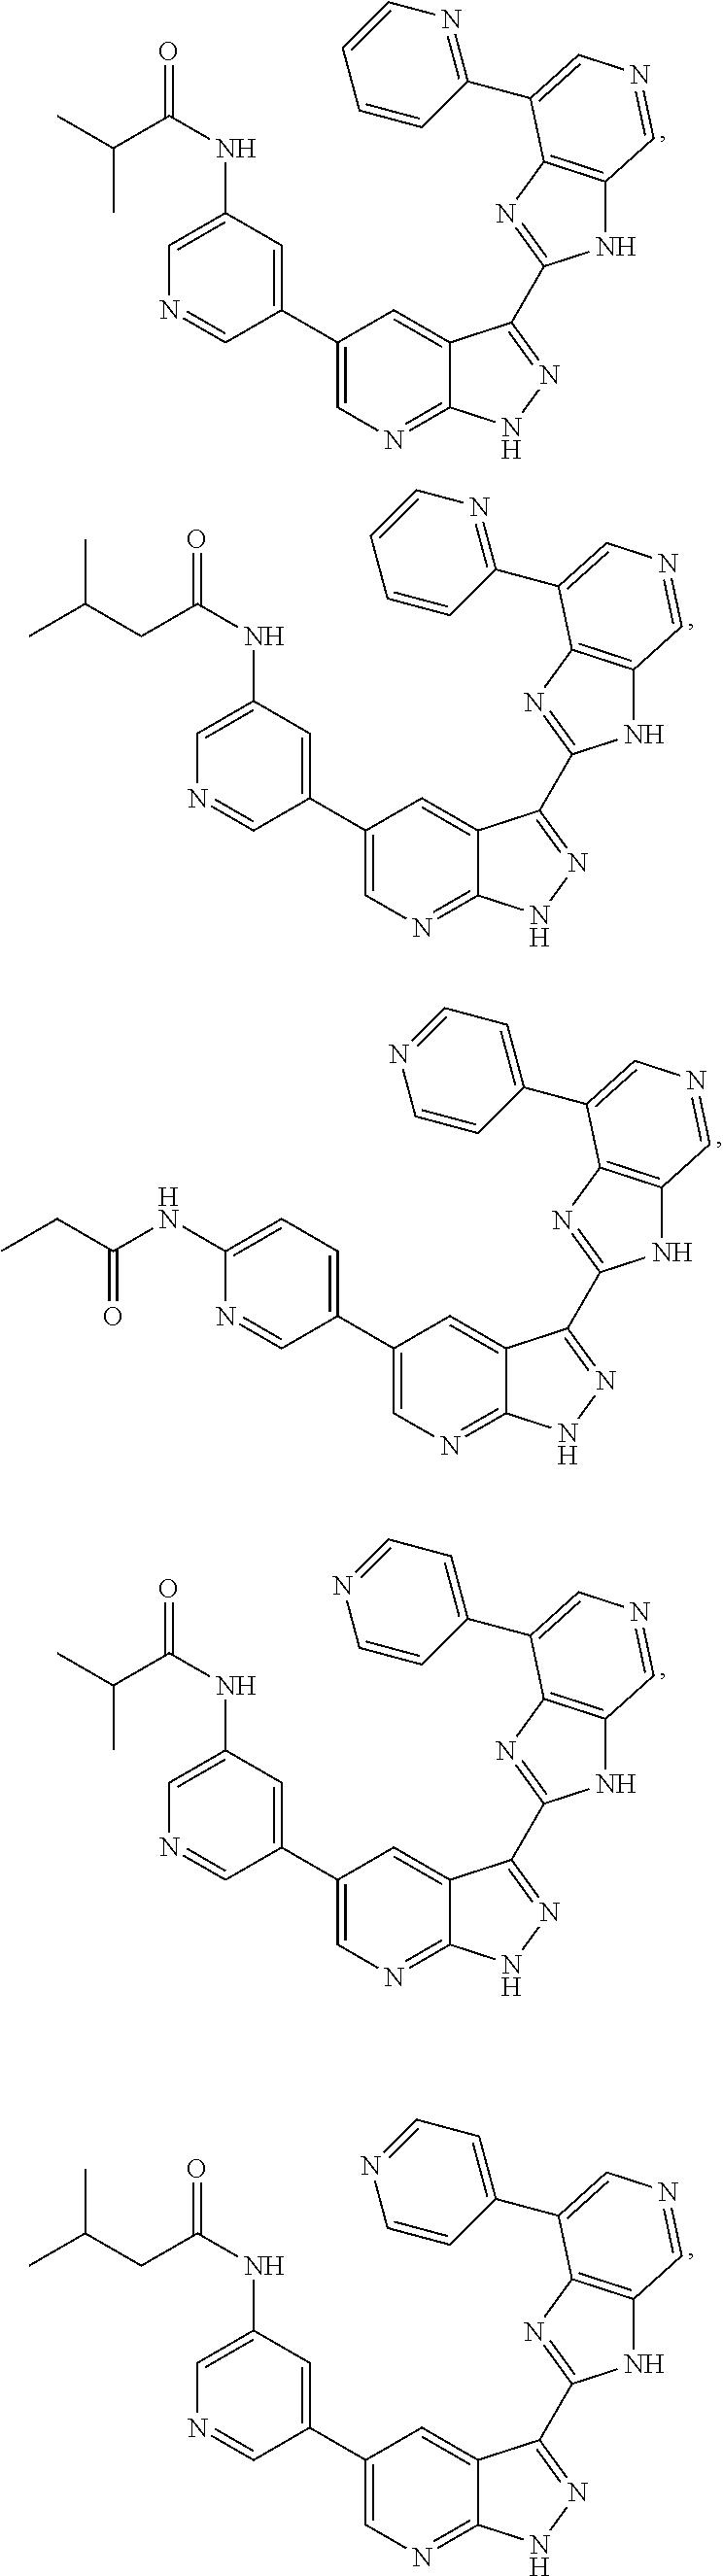 Figure US08618128-20131231-C00006